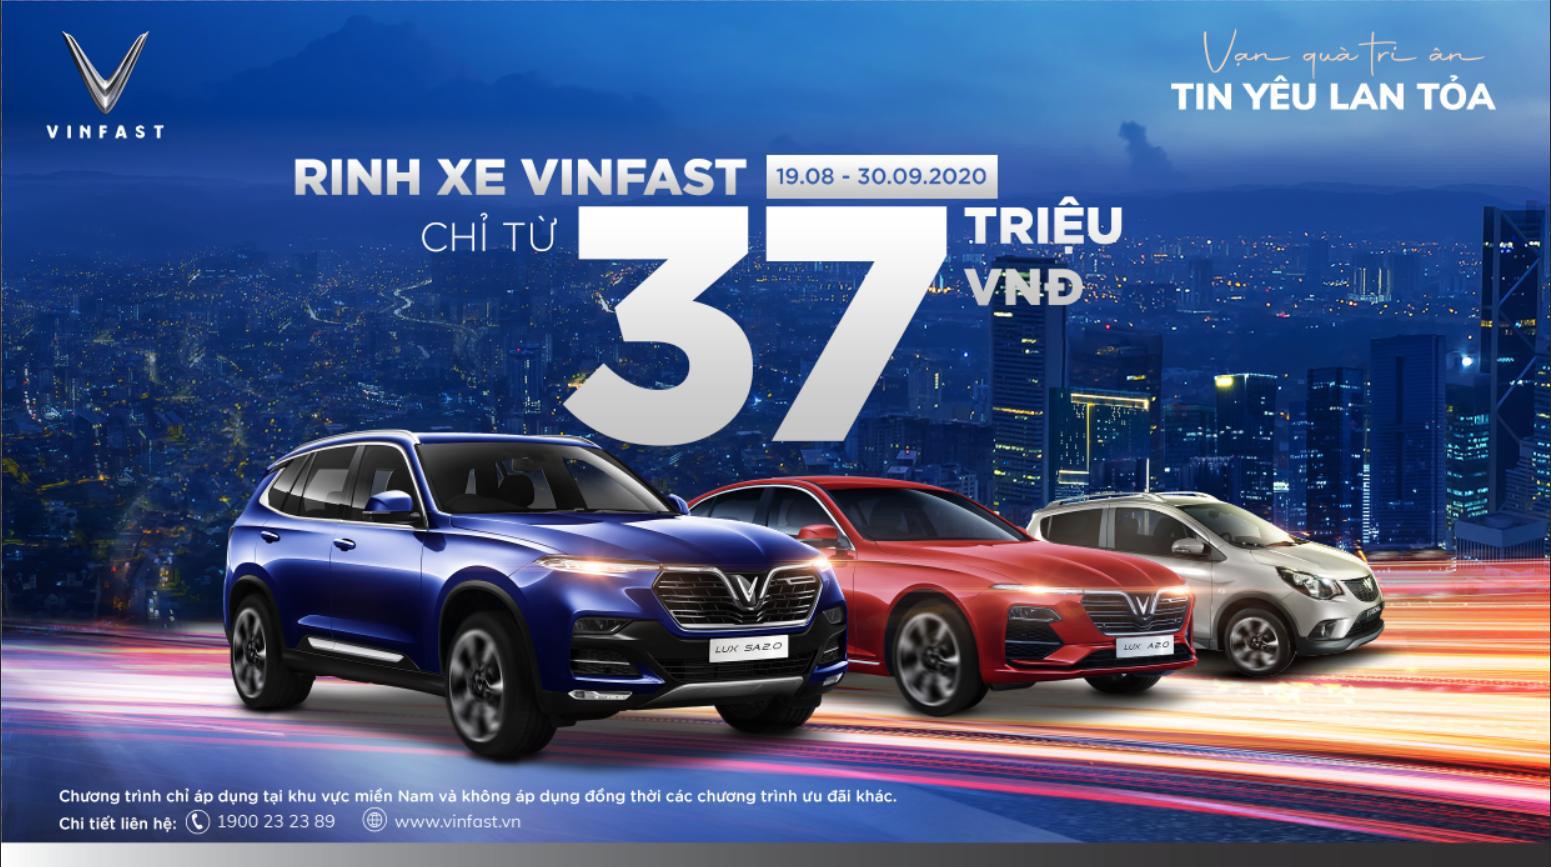 Chuyện khó tin nhưng có thật: Mua ô tô VinFast chỉ với 37 triệu đồng - Ảnh 3.